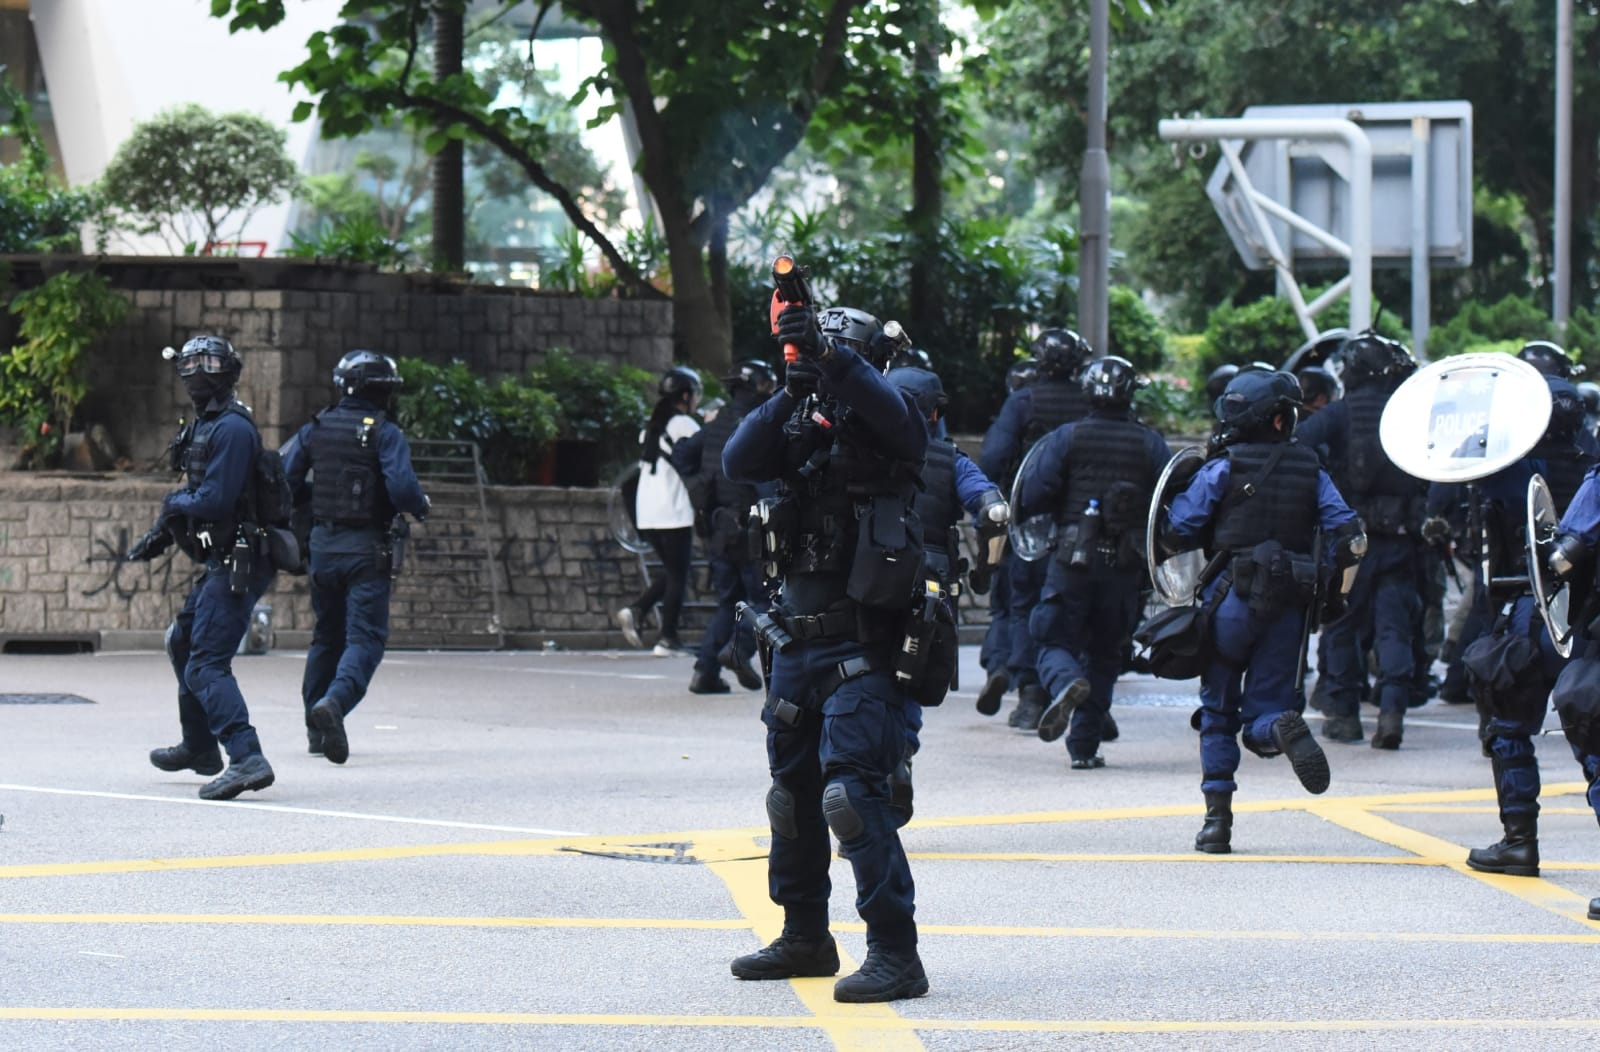 警員在現場驅散示威者。黃文威攝